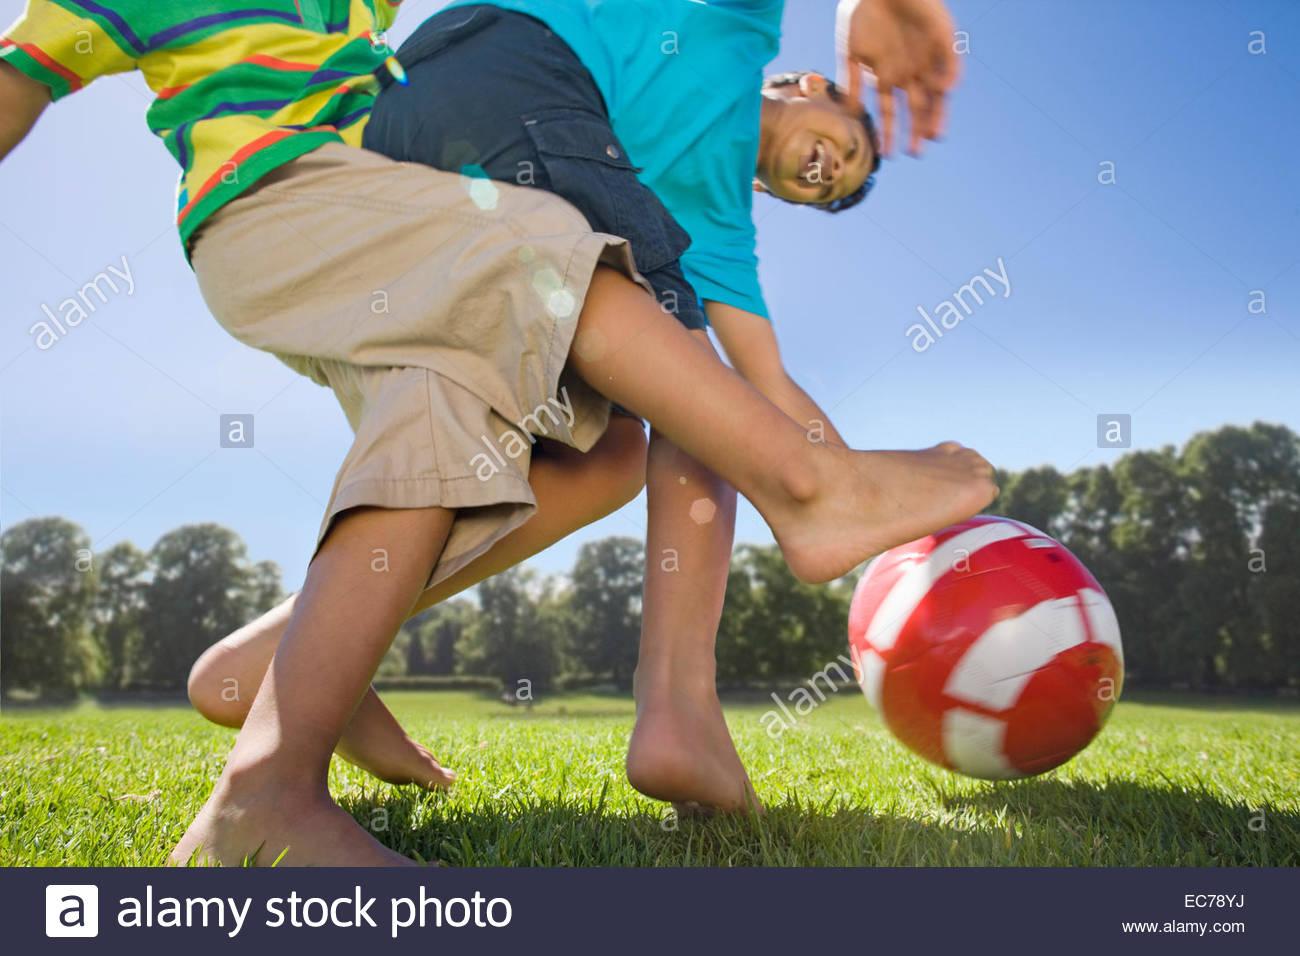 Sonrientes muchachos jugando al fútbol en el parque Imagen De Stock